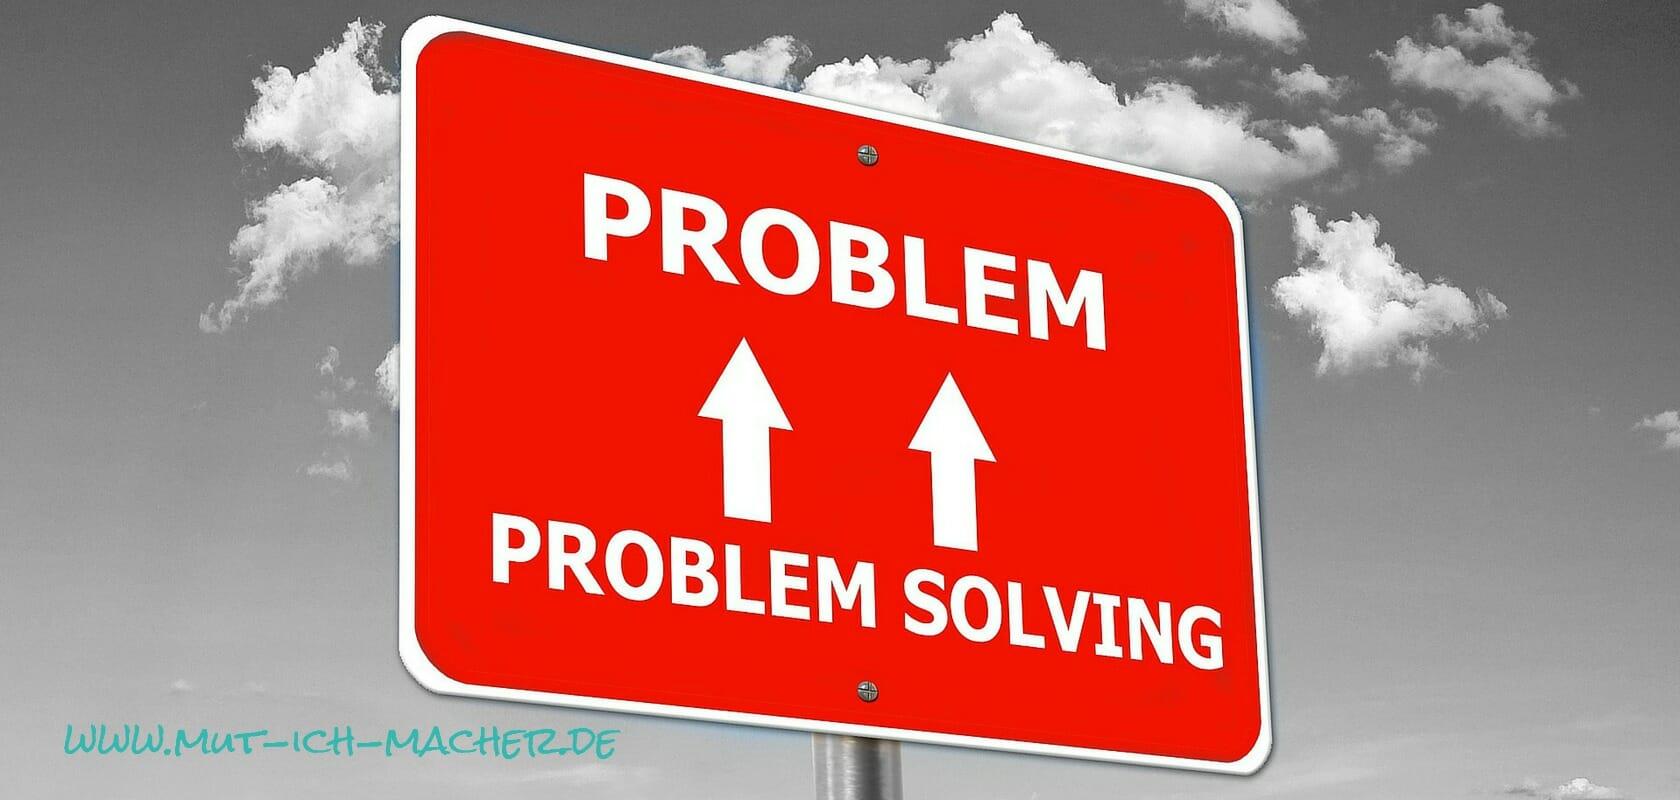 Wenn du in einem Problem fest steckst – wie kommst du raus?